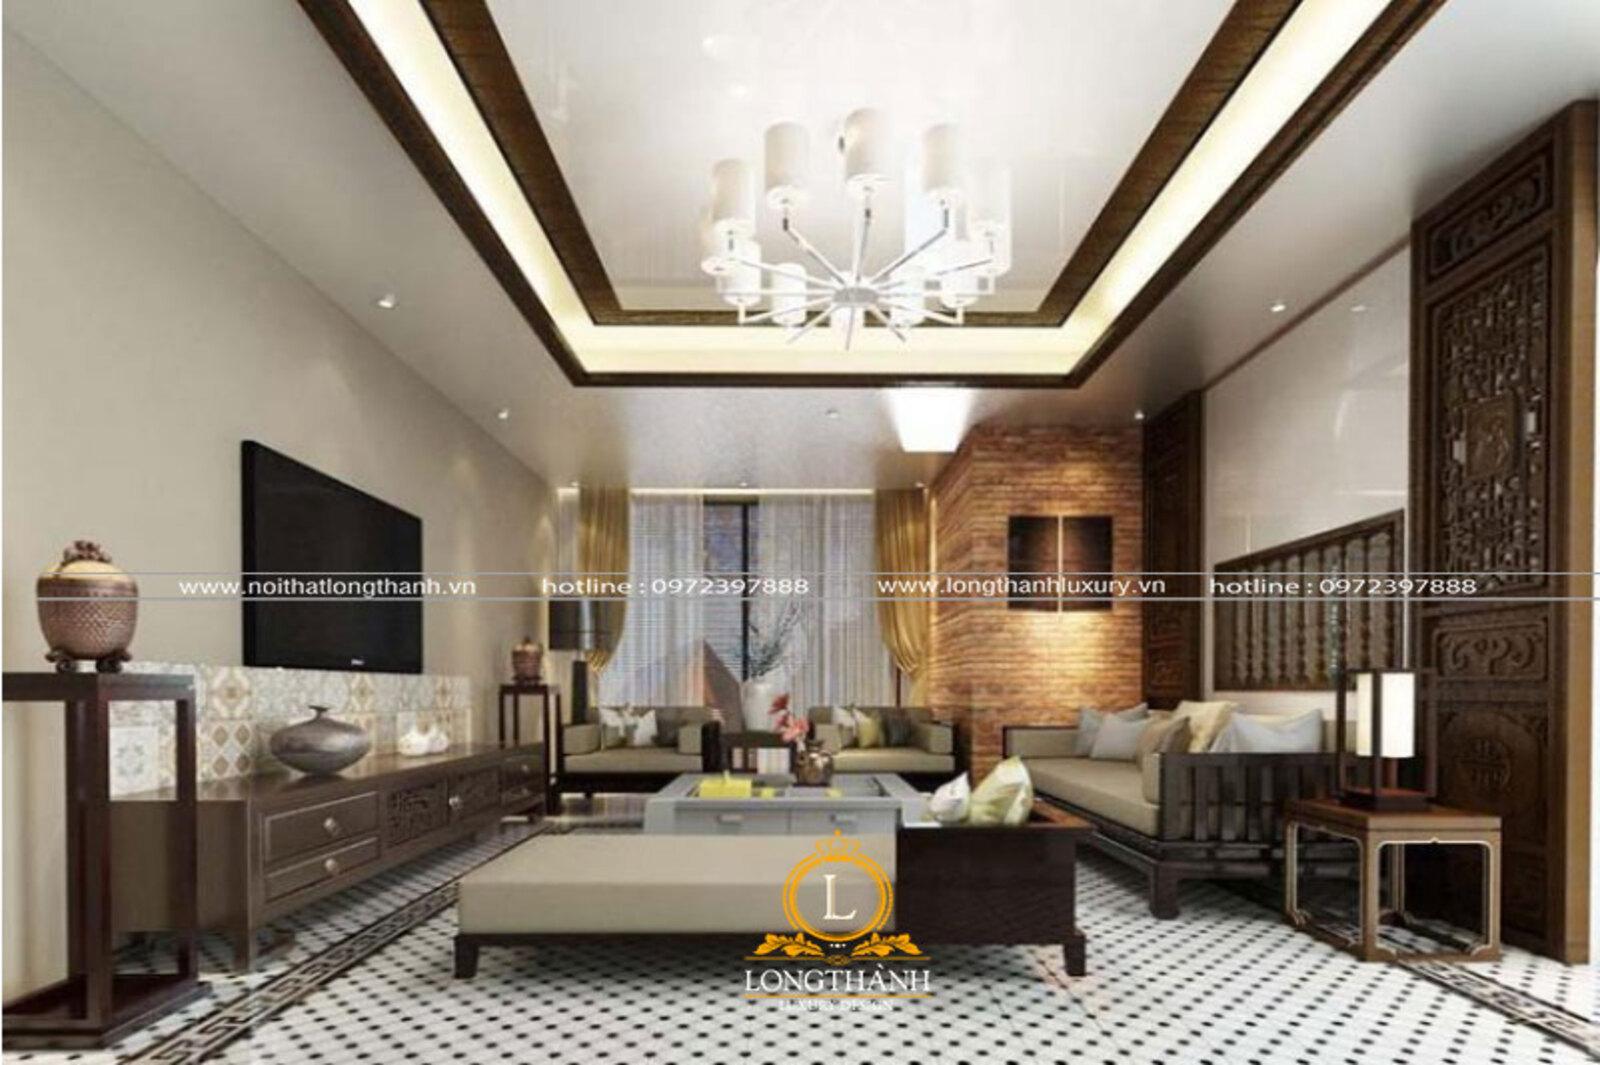 Phong cách nội thất Indochine - Để nhớ một thoáng Đông Dương